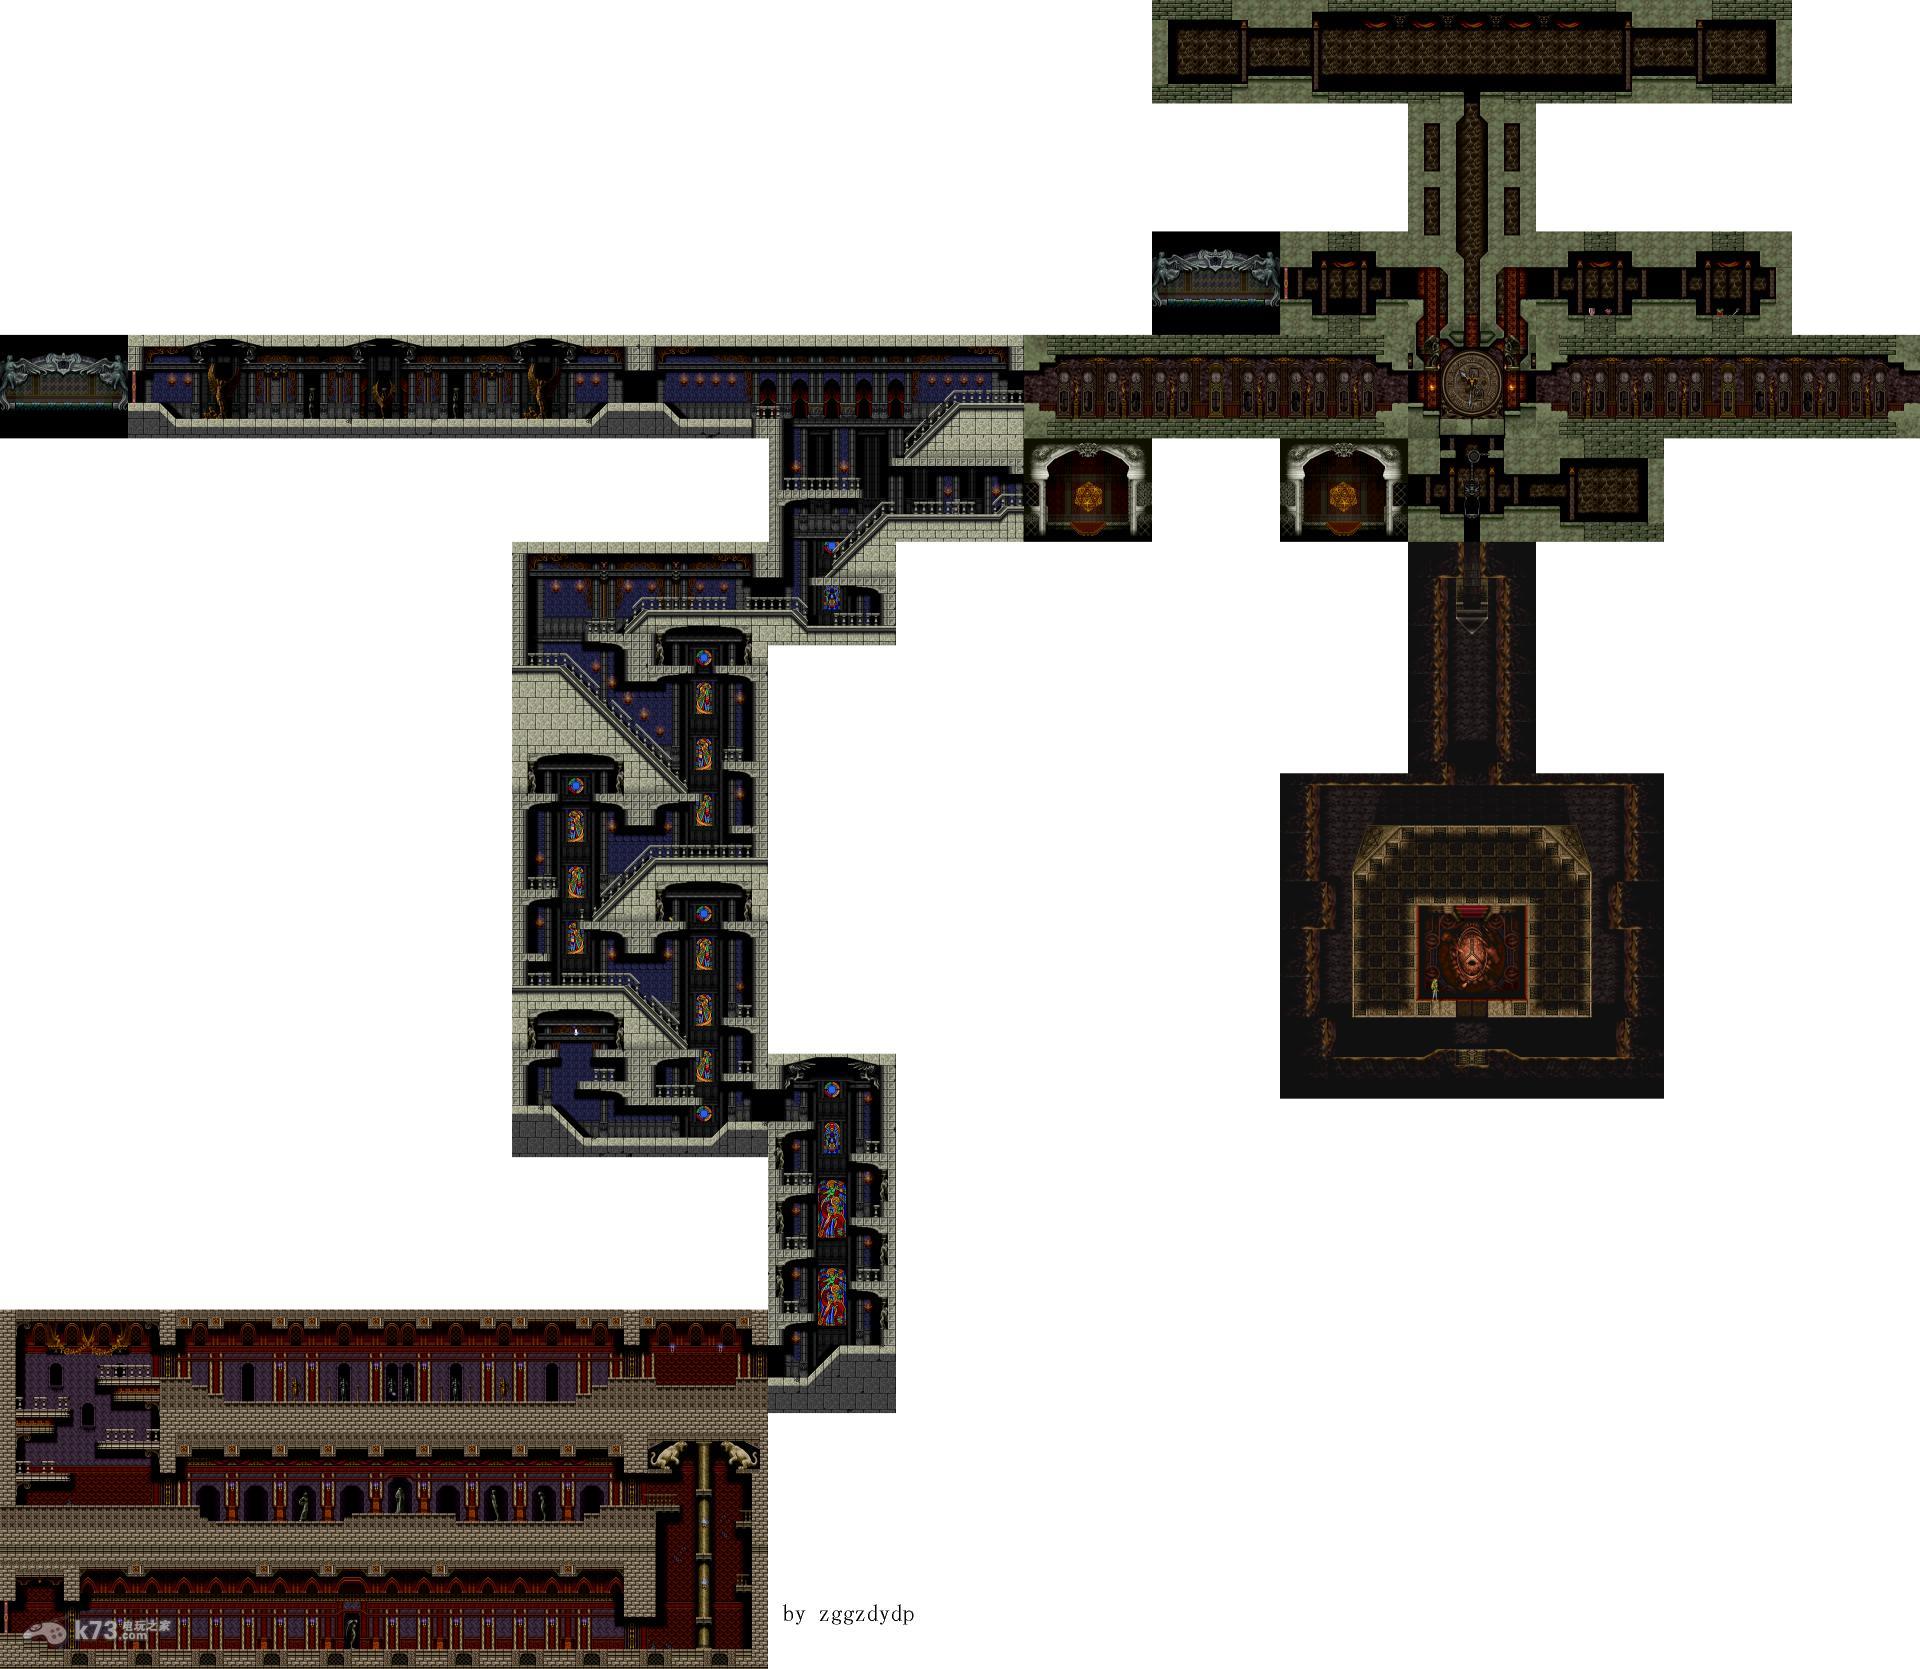 恶魔城月下夜想曲全迷宫地图